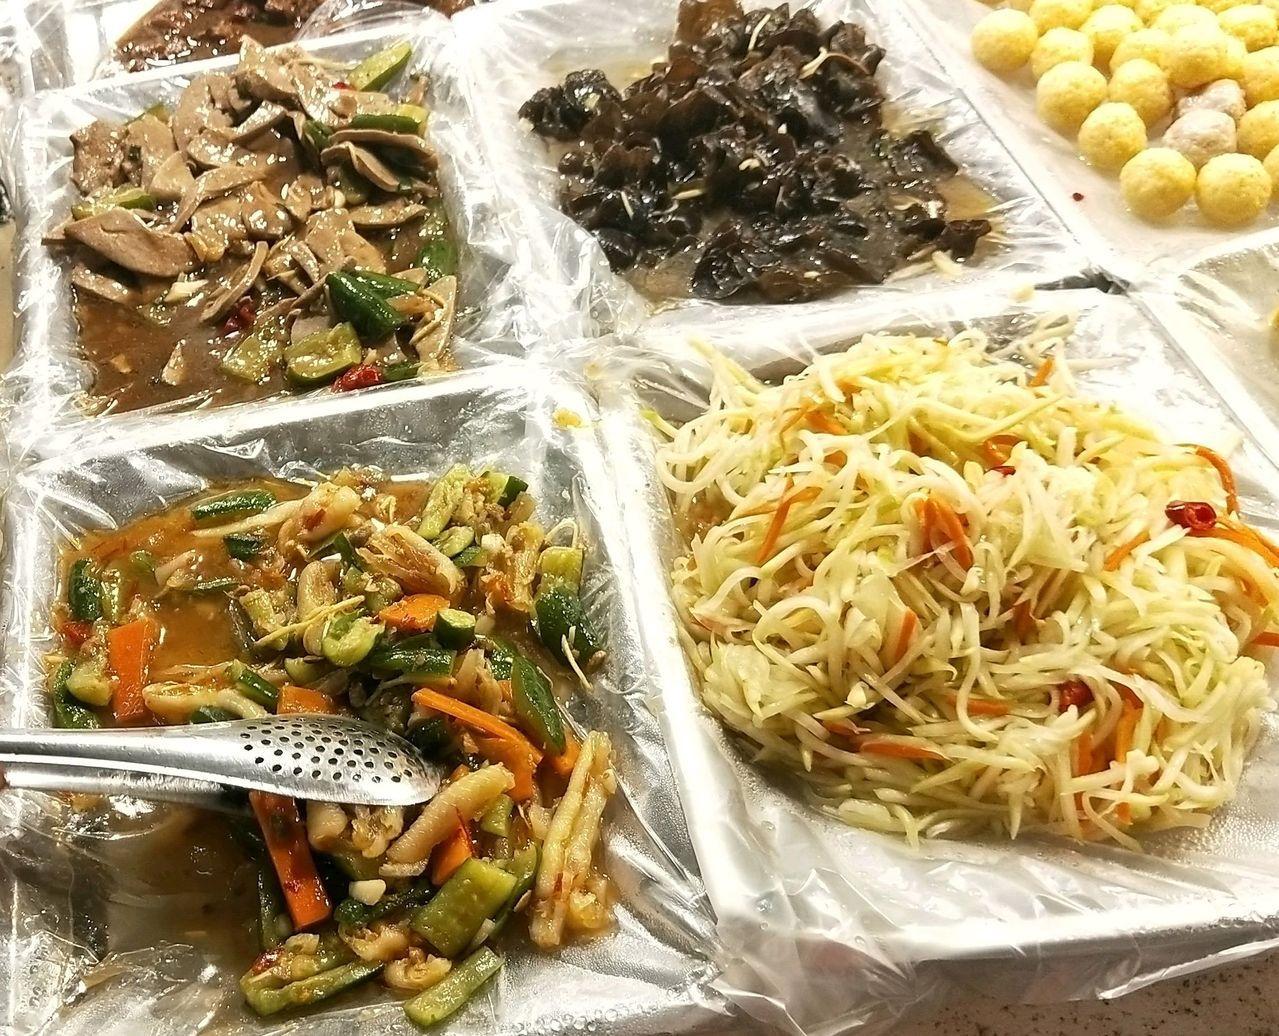 消費者購買市場與大賣場熟食時,要注意這些食物的相關衛生條件。圖/台灣消保會提供